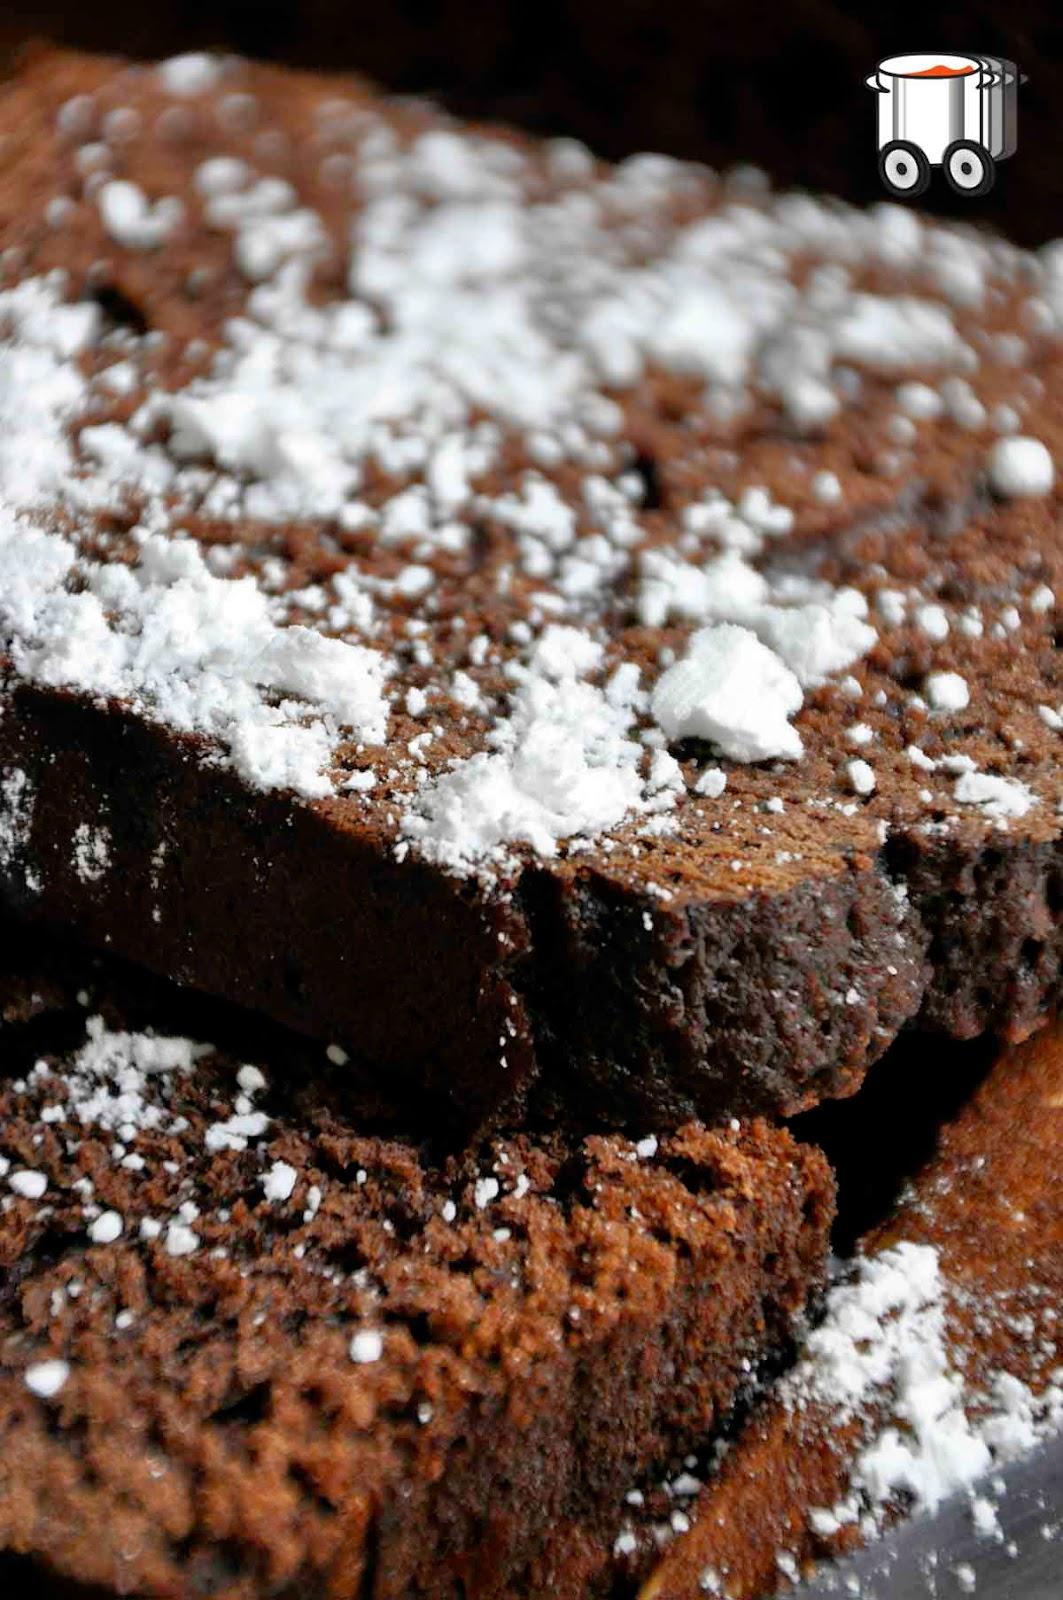 Szybko Tanio Smacznie - Szybkie ciasto czekoladowe